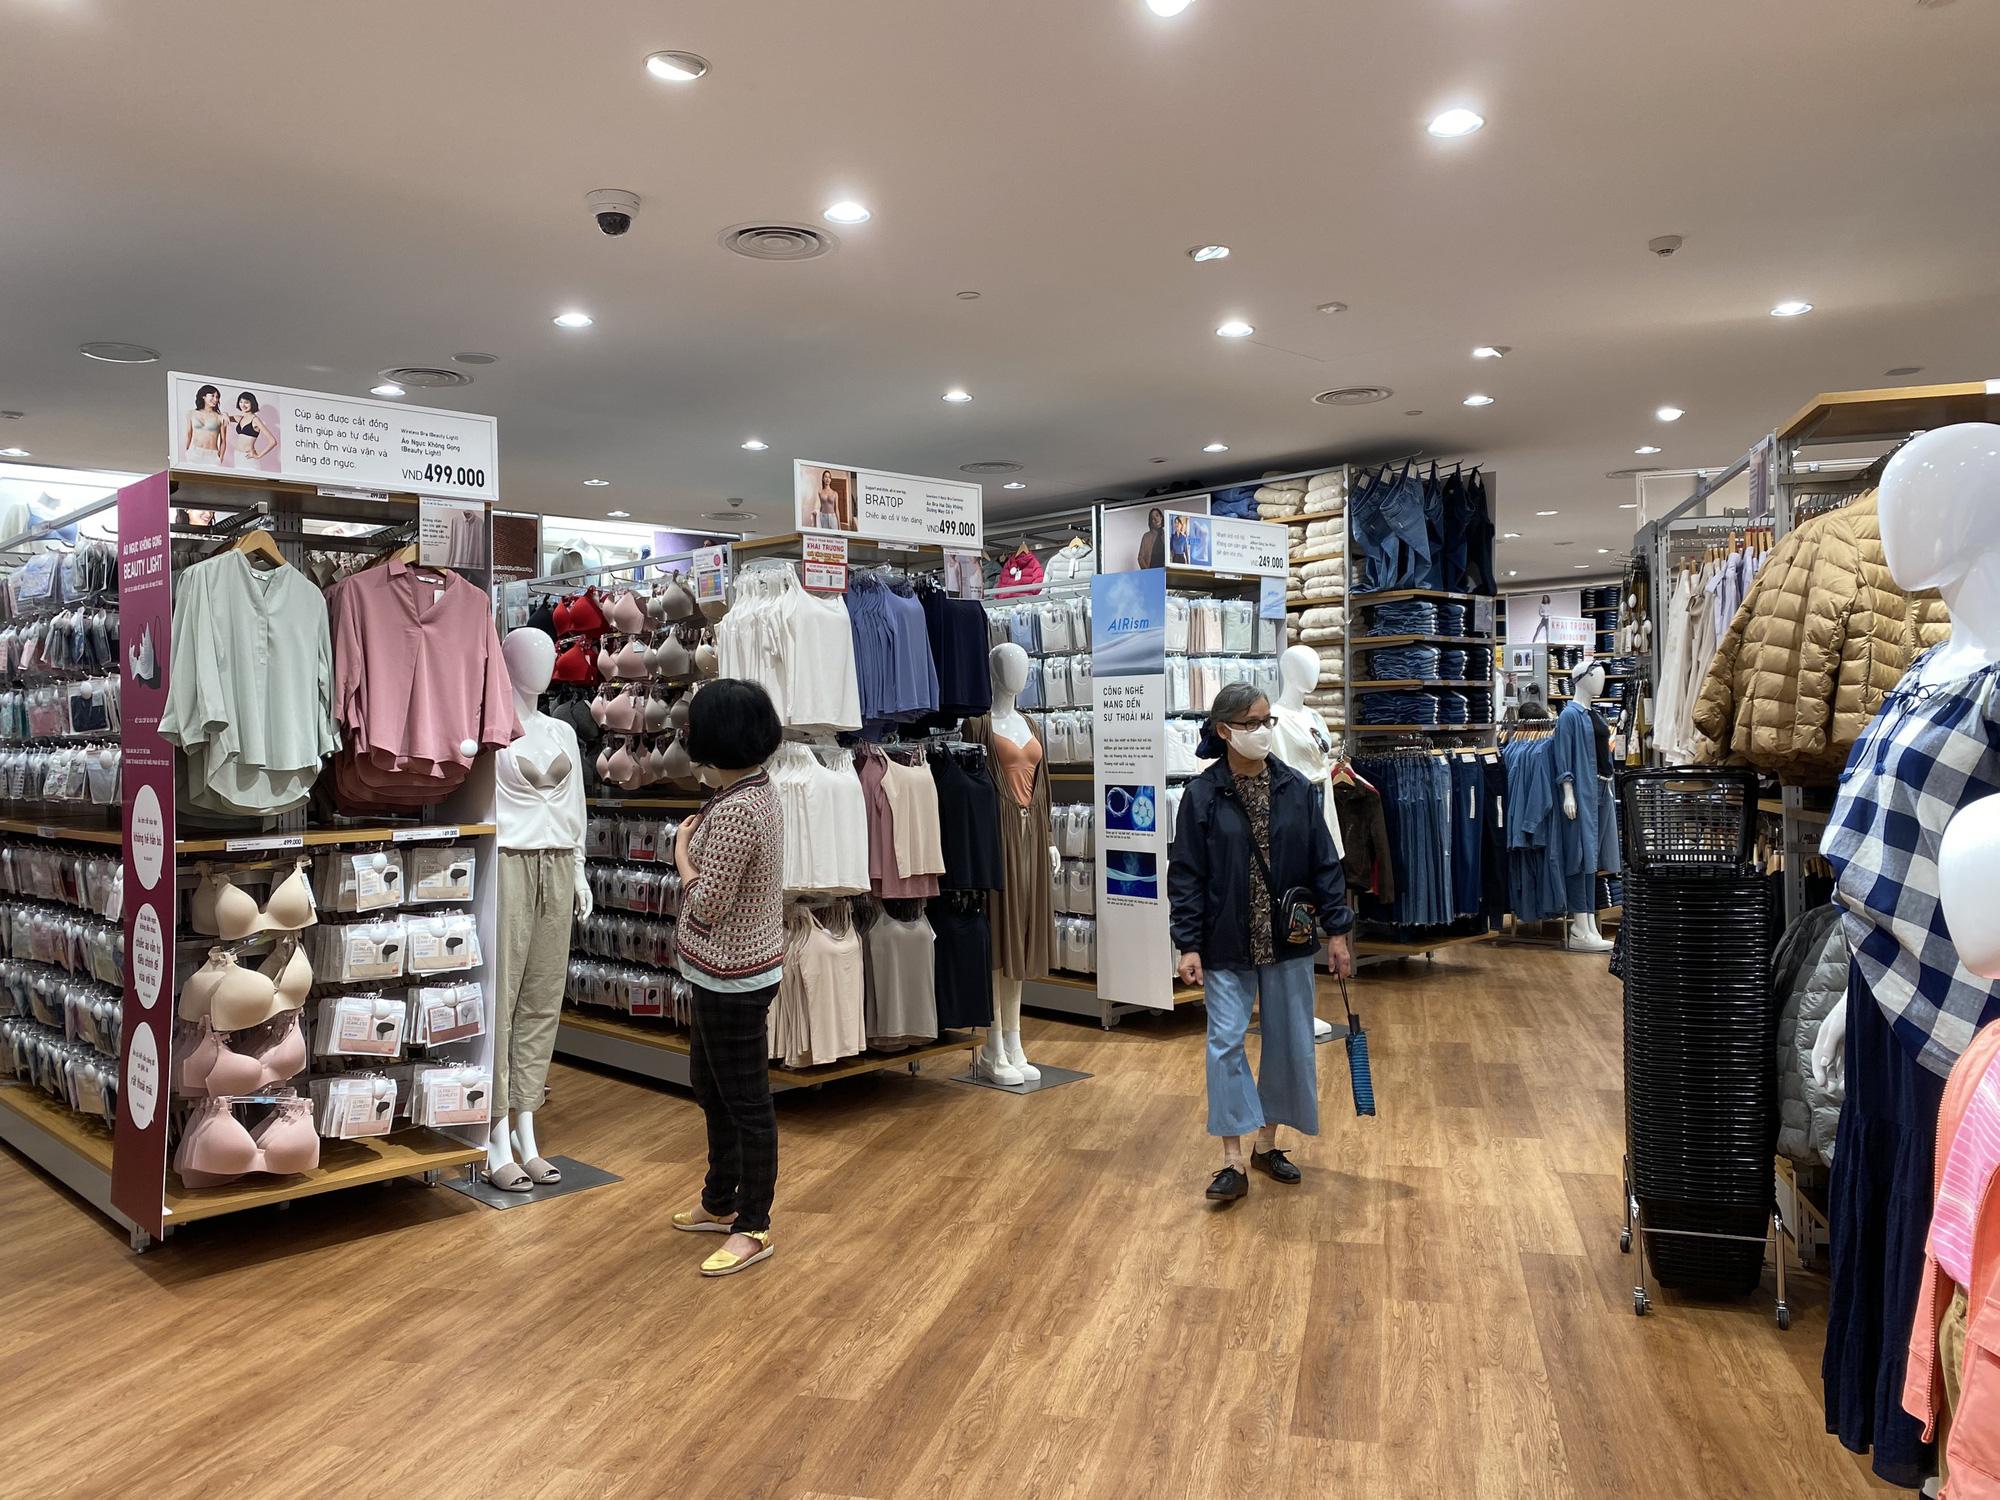 Uniqlo Hà Nội sau 1 tuần khai trương, khách hàng vẫn tới trải nghiệm mua sắm dù đang có dịch bệnh - Ảnh 6.